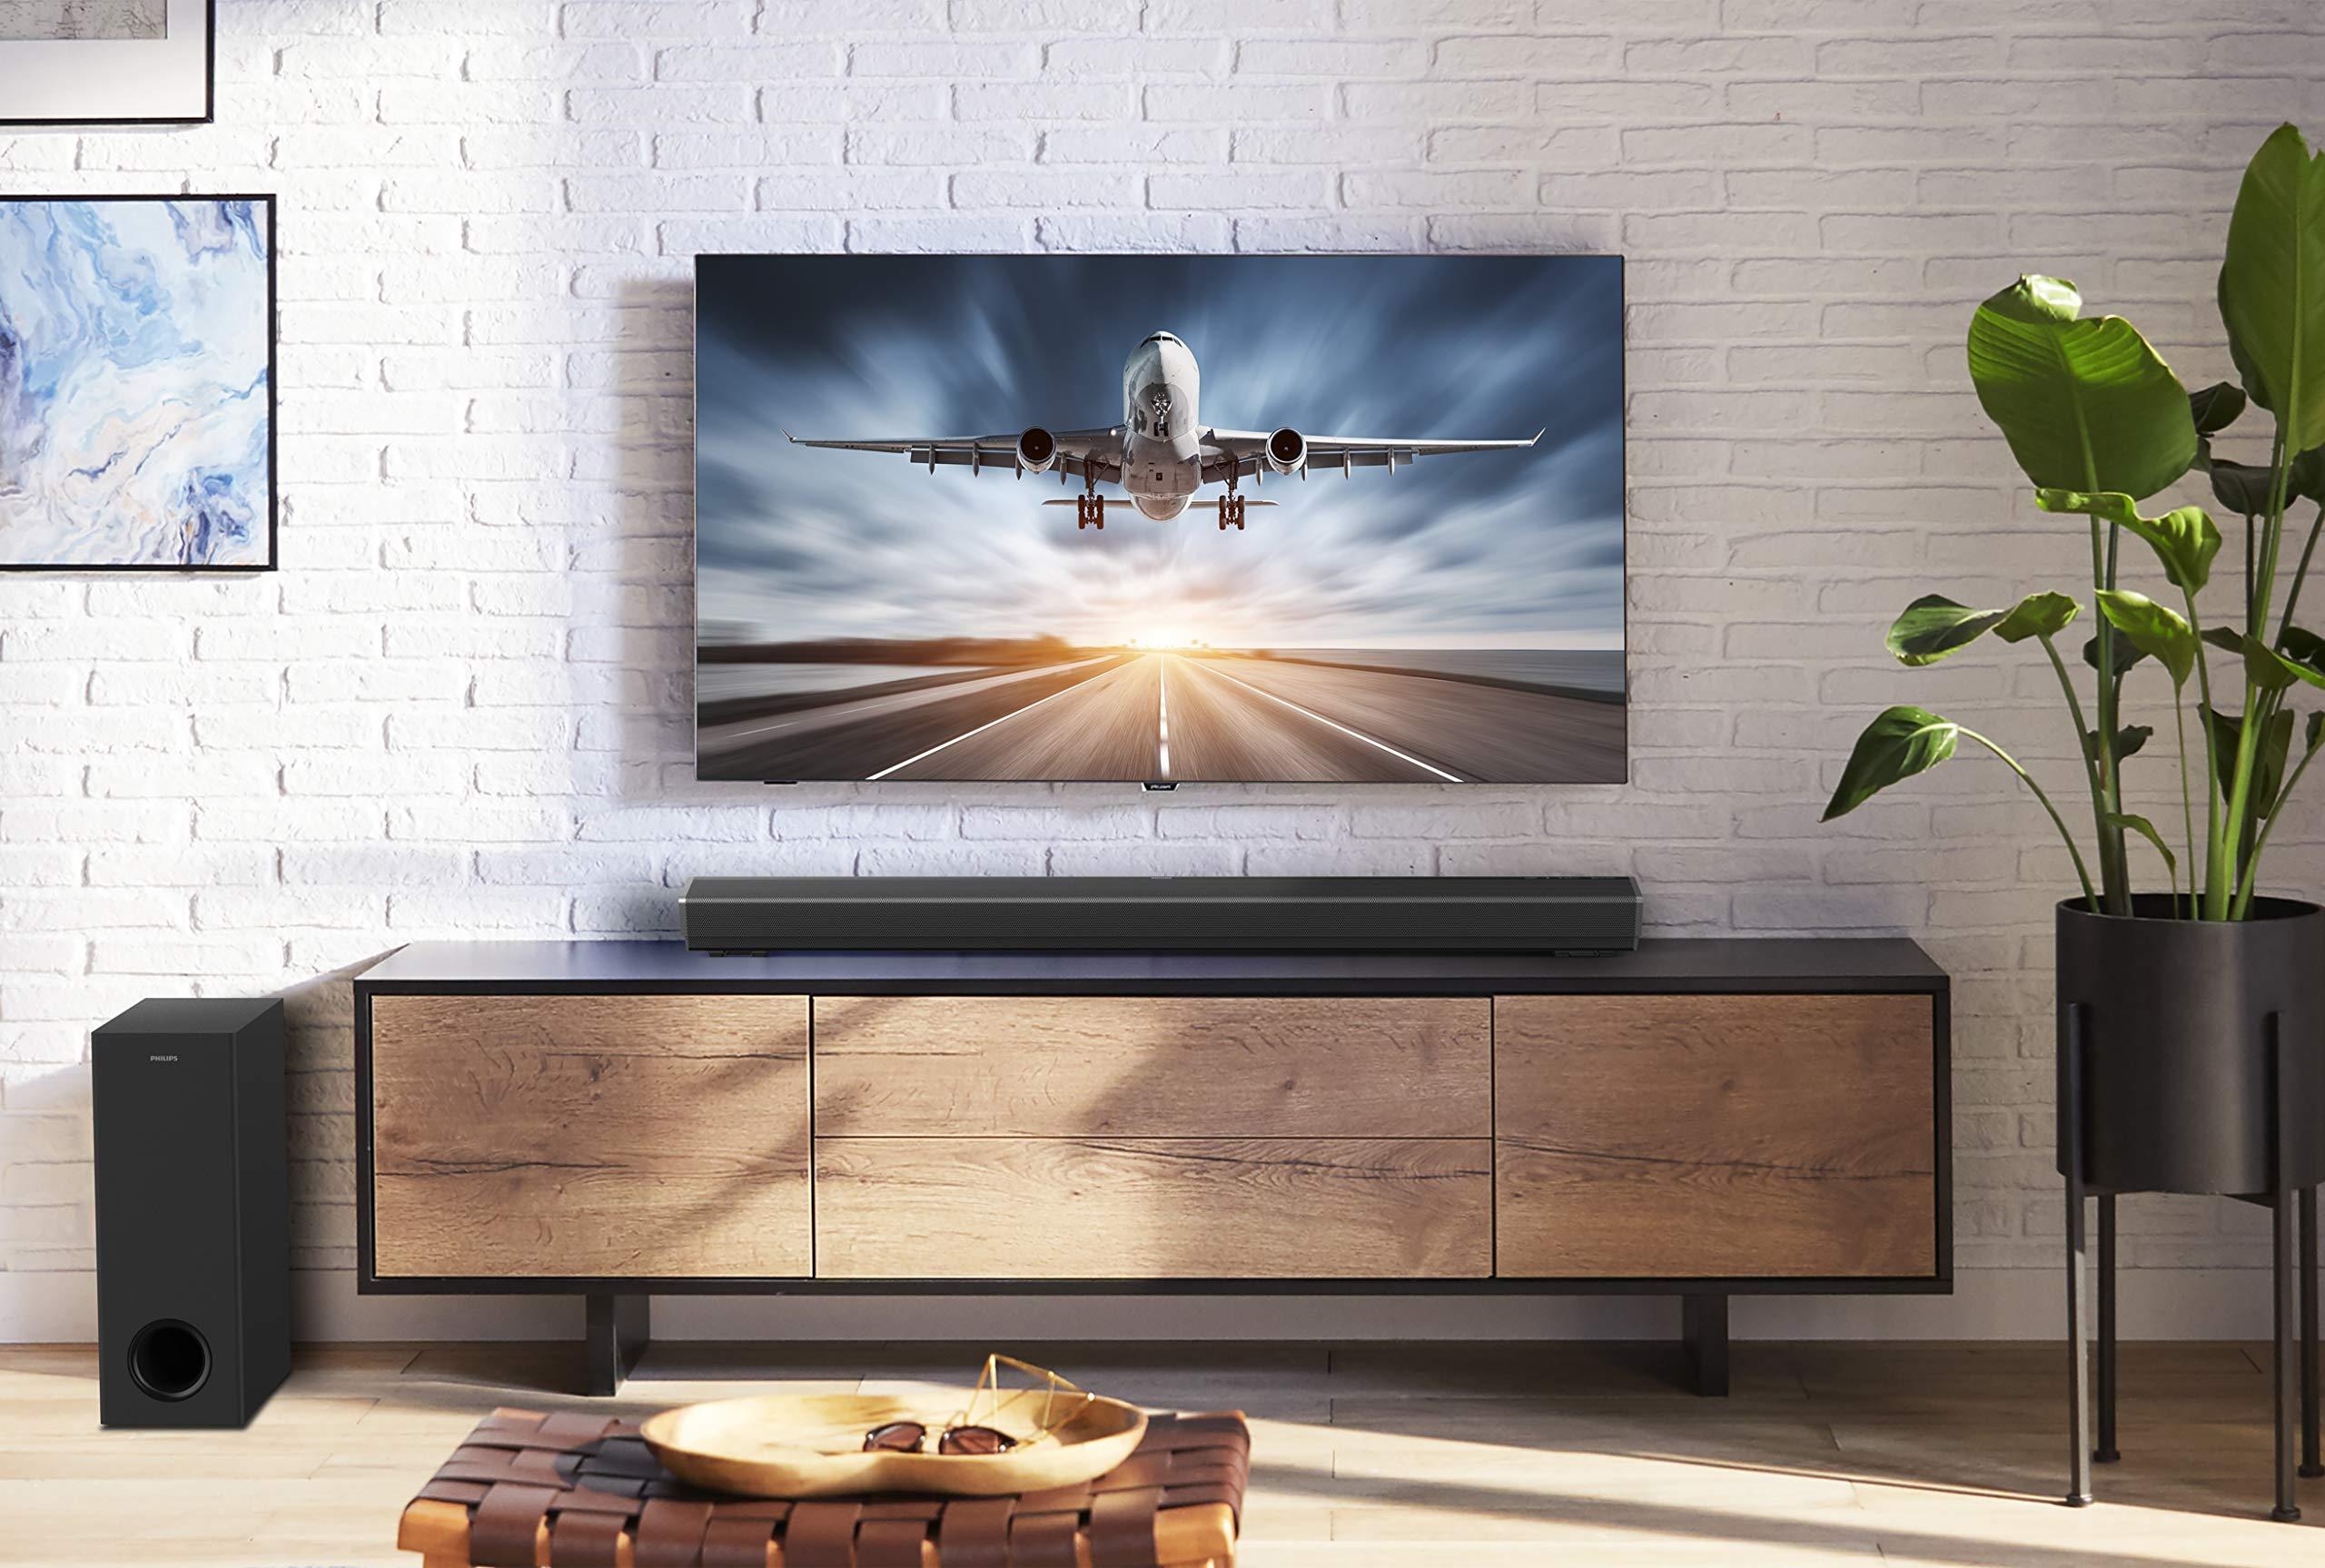 Philips PB603/10 Barra de sonido TV (Bluetooth, Dolby Atmos, 300 vatios, subwoofer inalámbrico, HDMI ARC, USB), Color Negro: Amazon.es: Electrónica